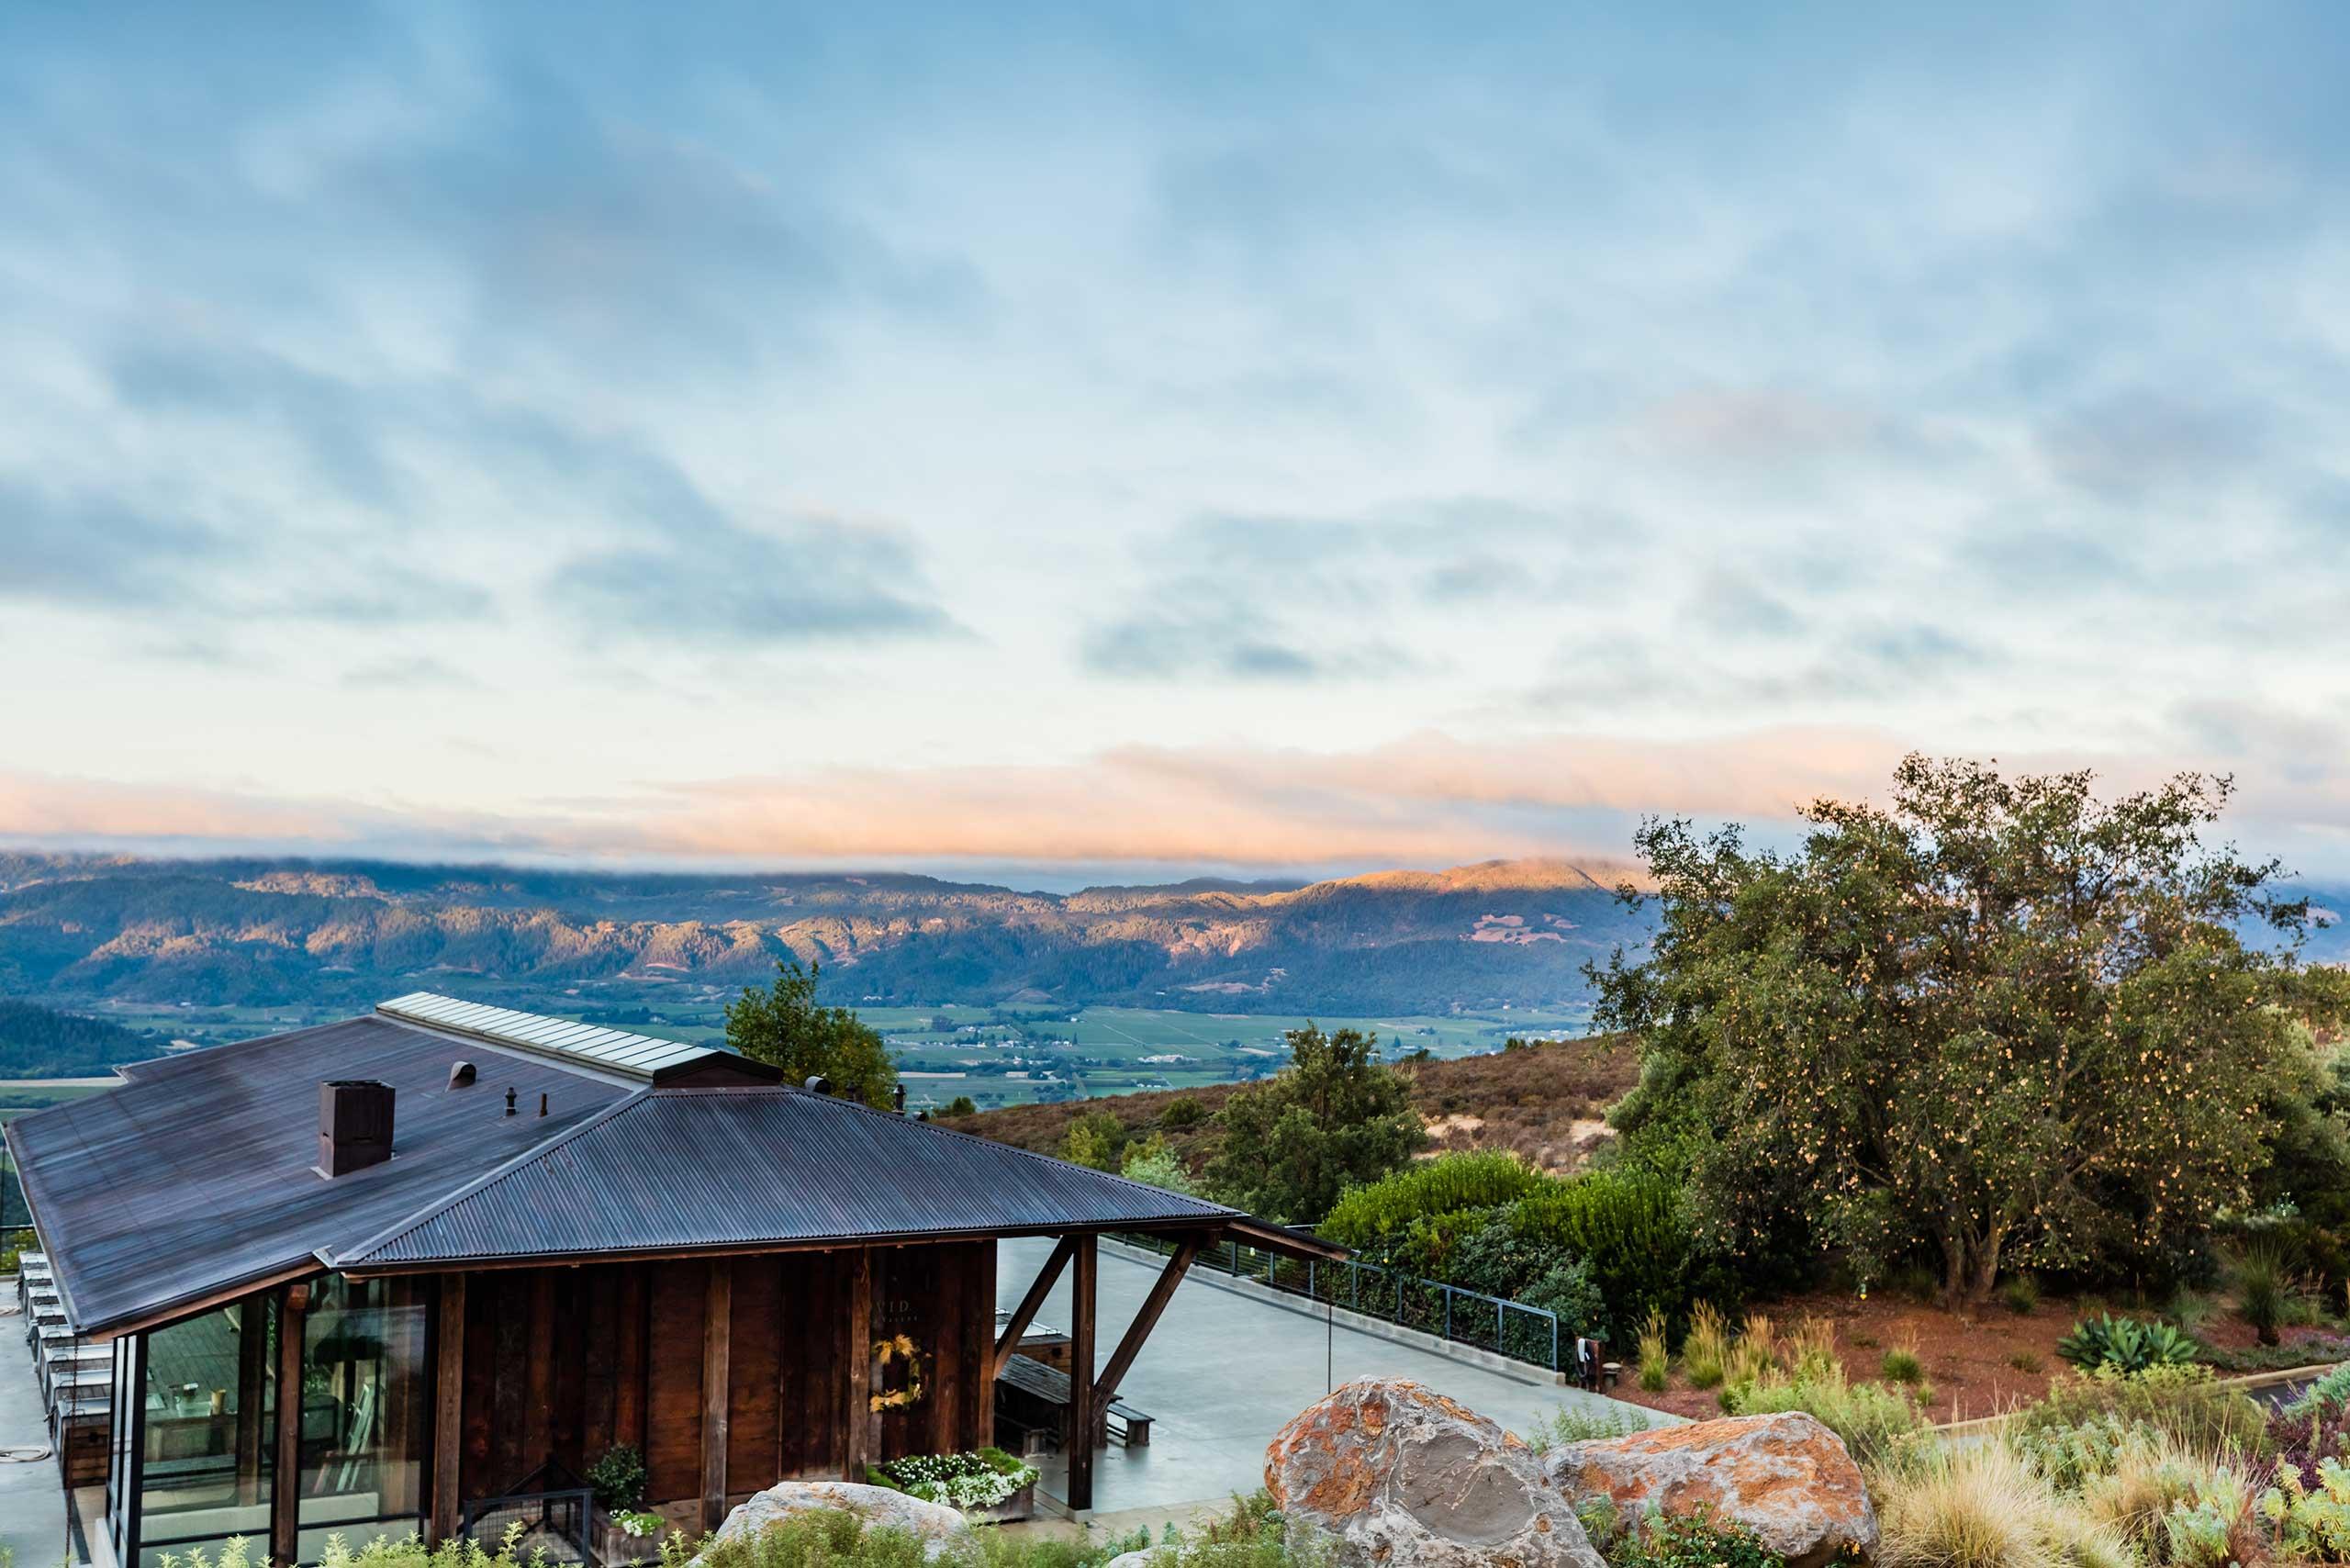 Exterior of OVID Napa Valley winery